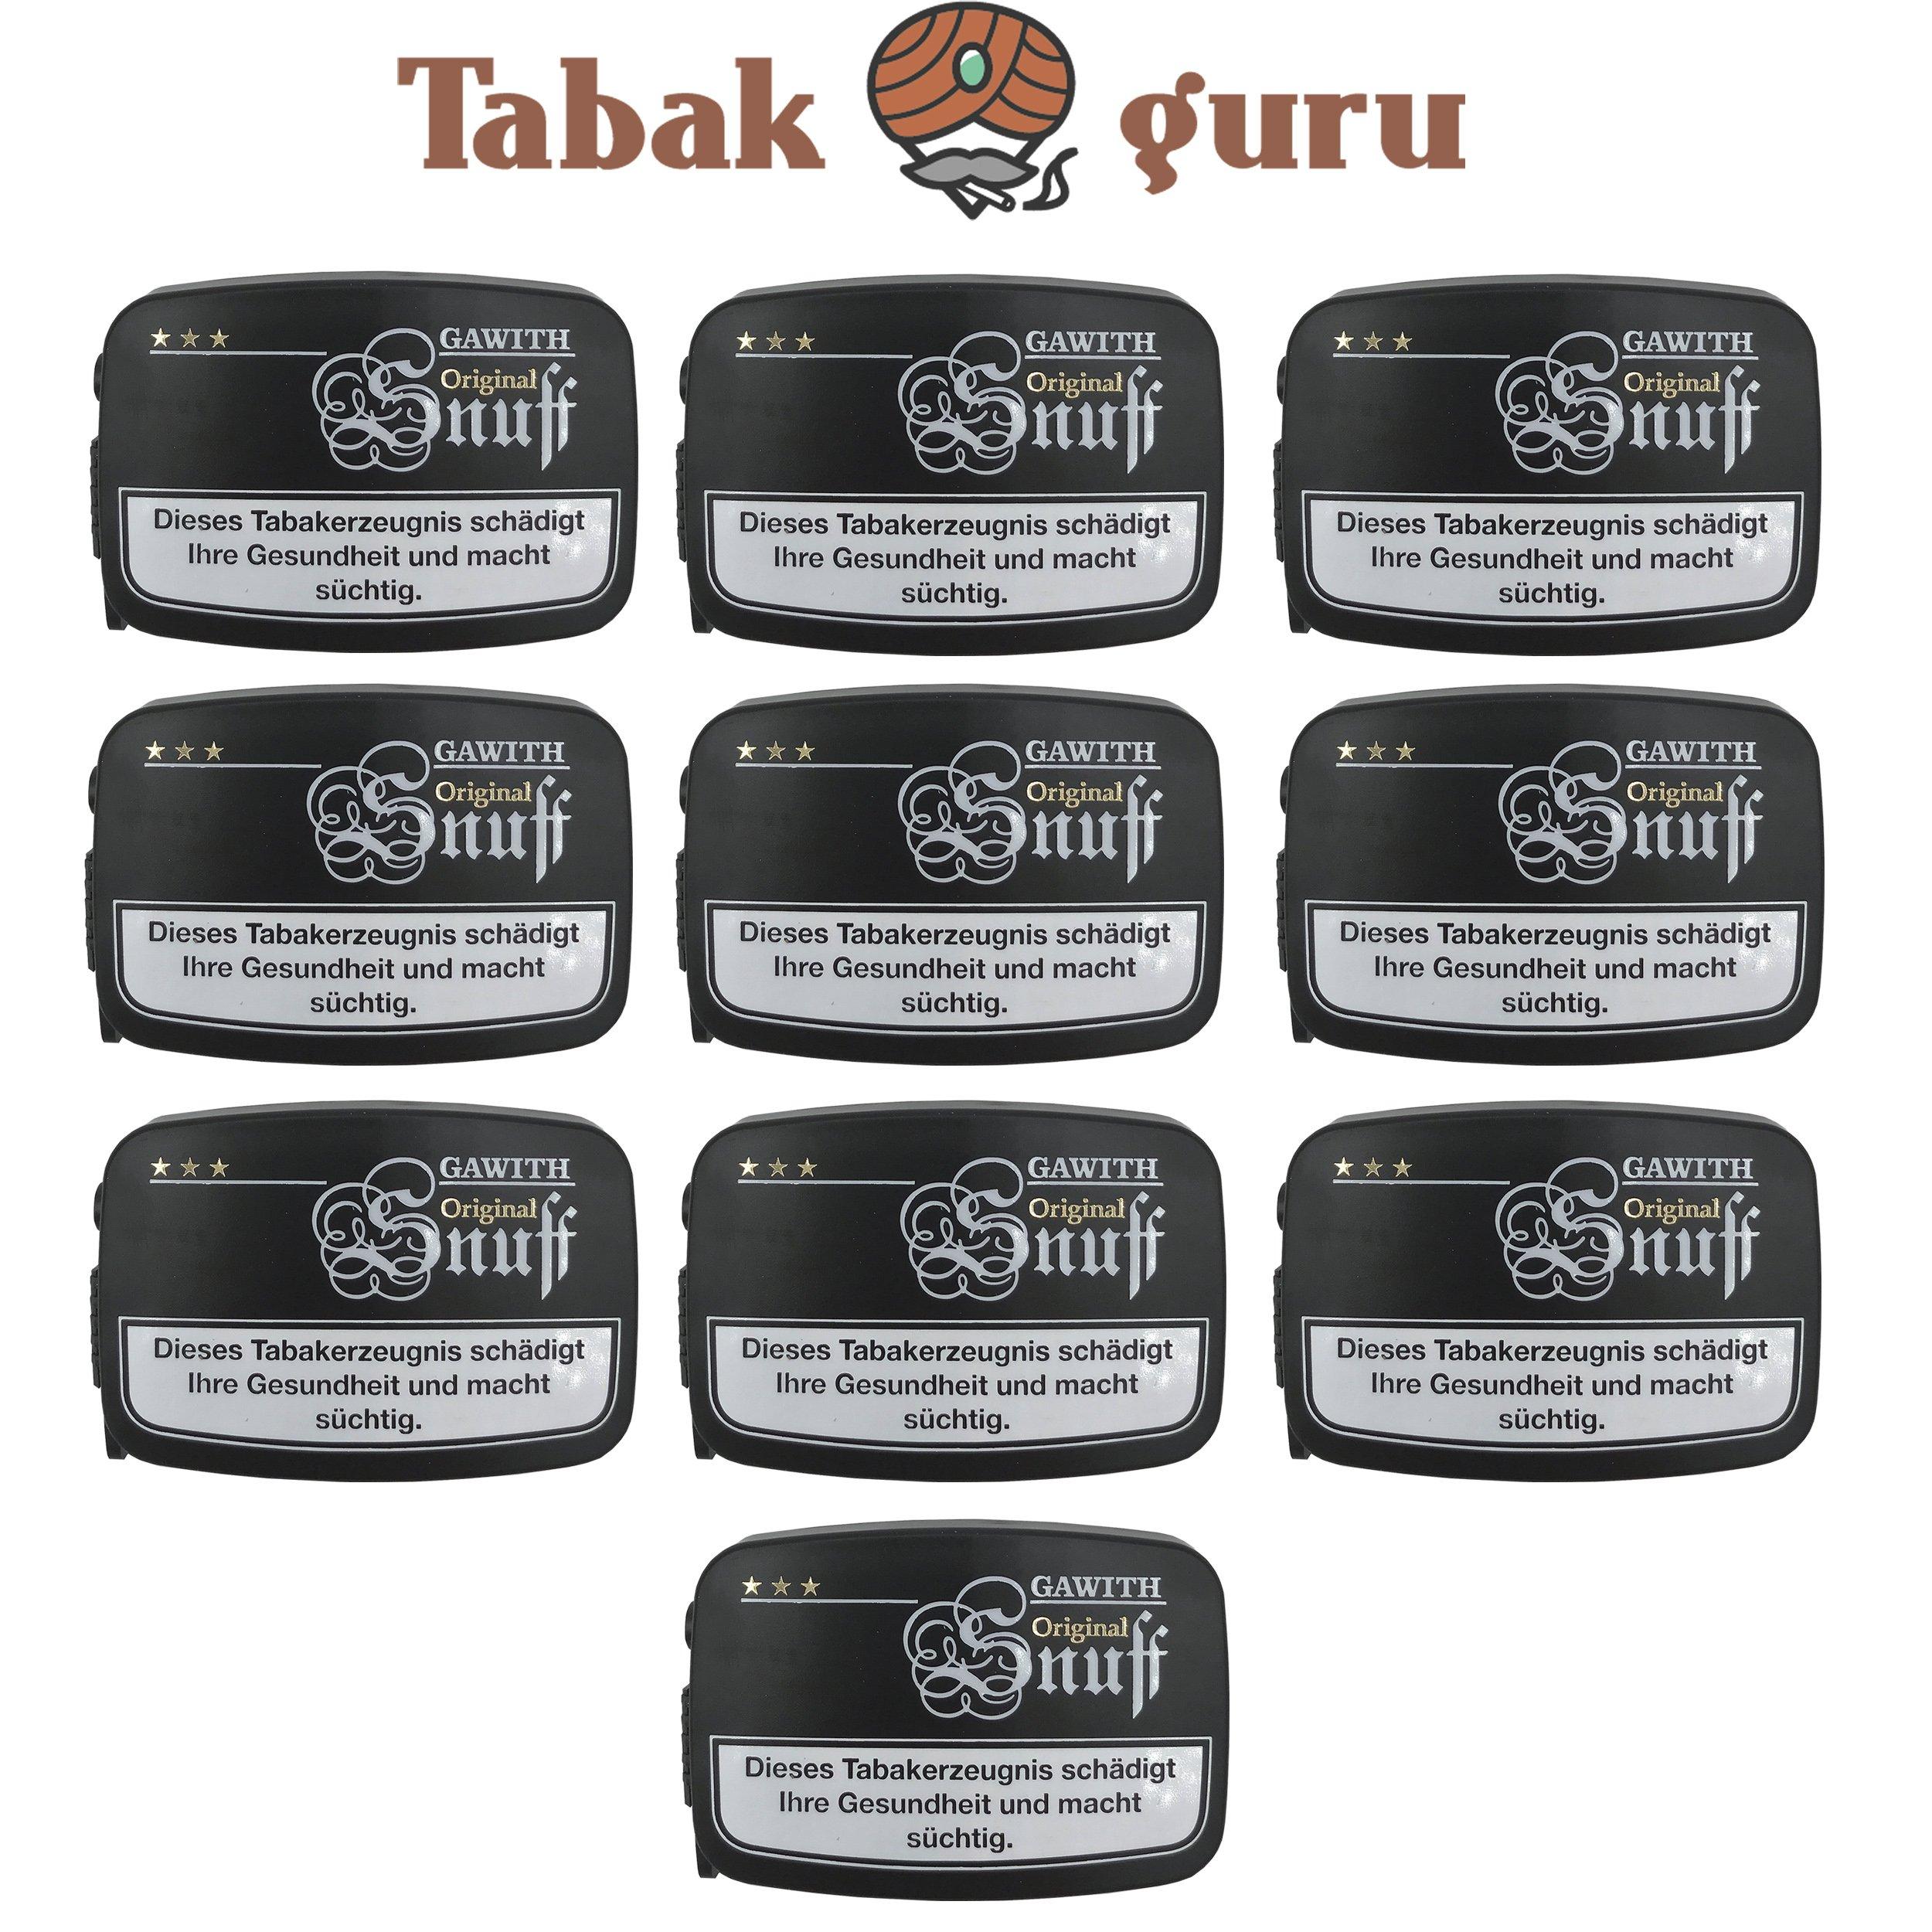 10x Gawith Original Snuff Schnupftabak á 10 g